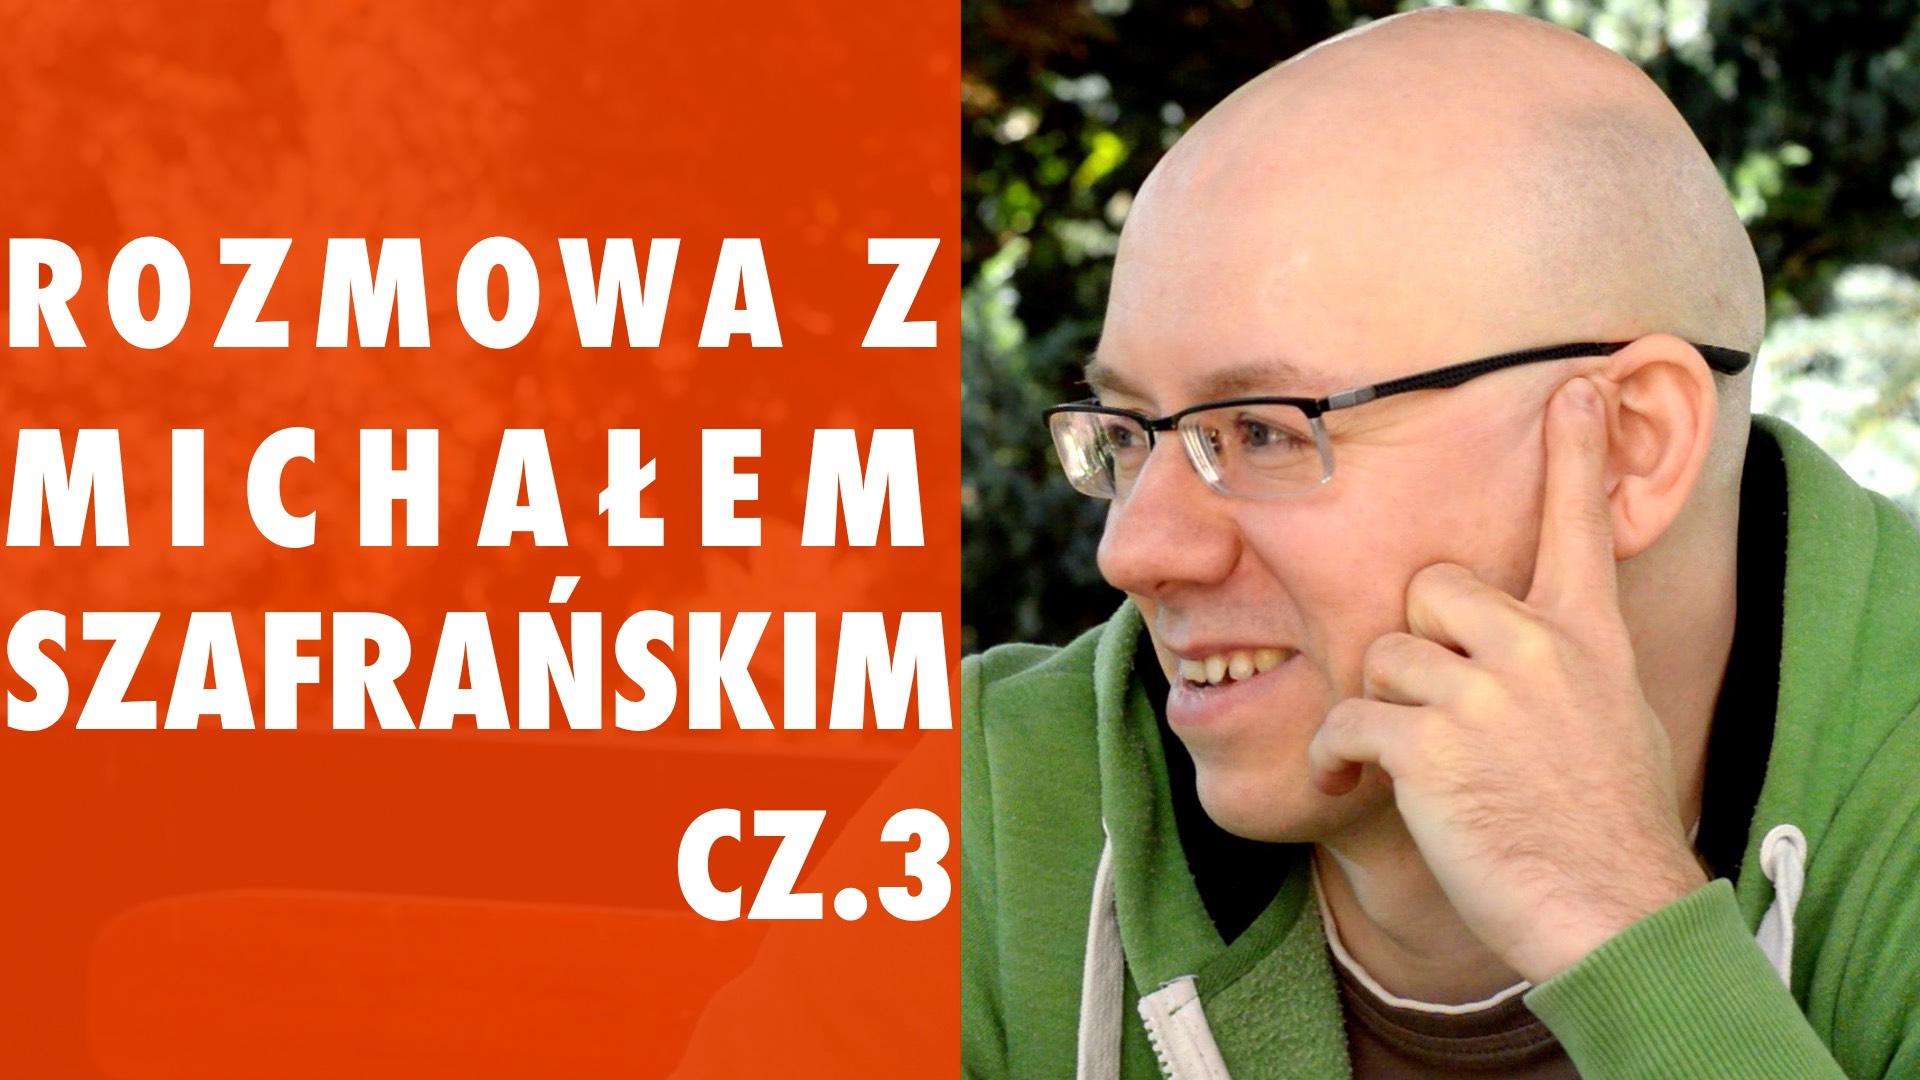 Wywiad-Szafranski-v2-cz3